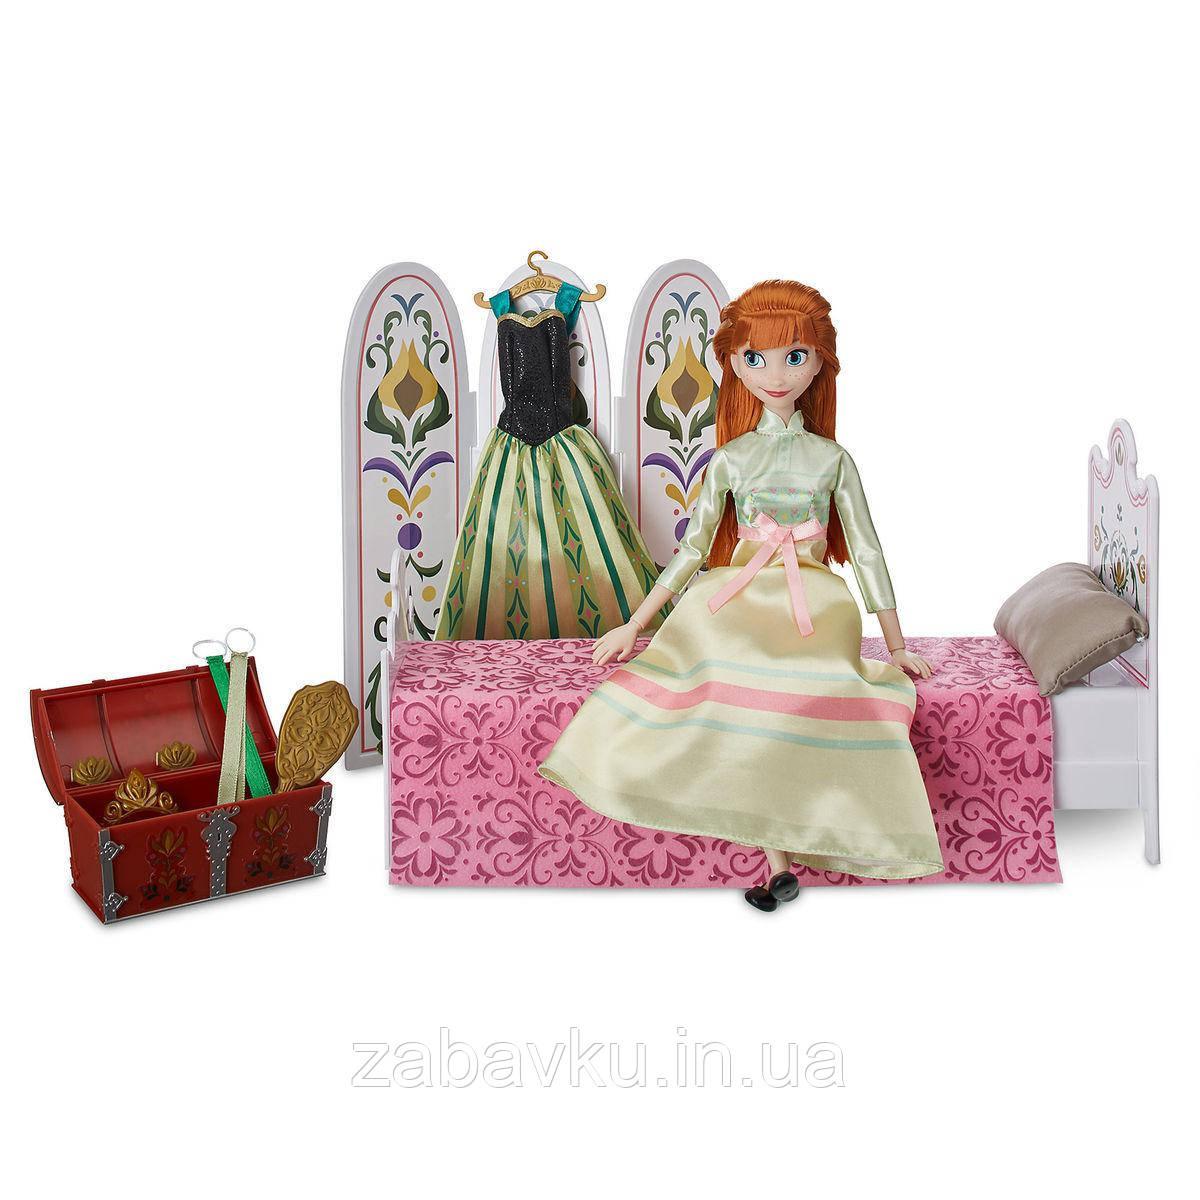 Anna Coronation Day Play Set - Disney, Набір Анна день коронації Дісней